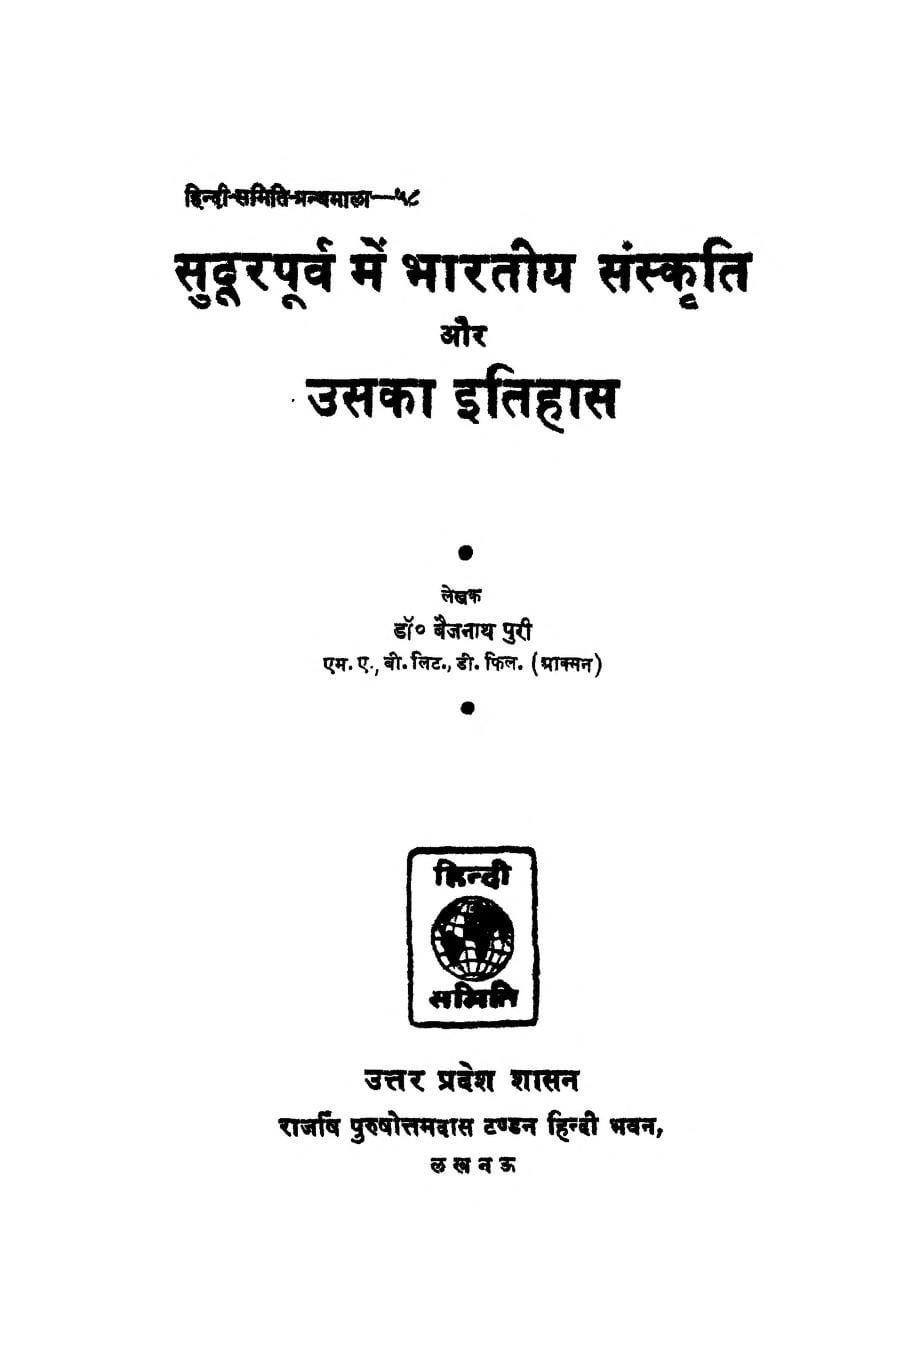 Book Image : सुदूरपूर्व में भारतीय संस्कृति और उसका इतिहास - Sudur Purb Me Bhartiya Sanskriti Aur Uska Itihas